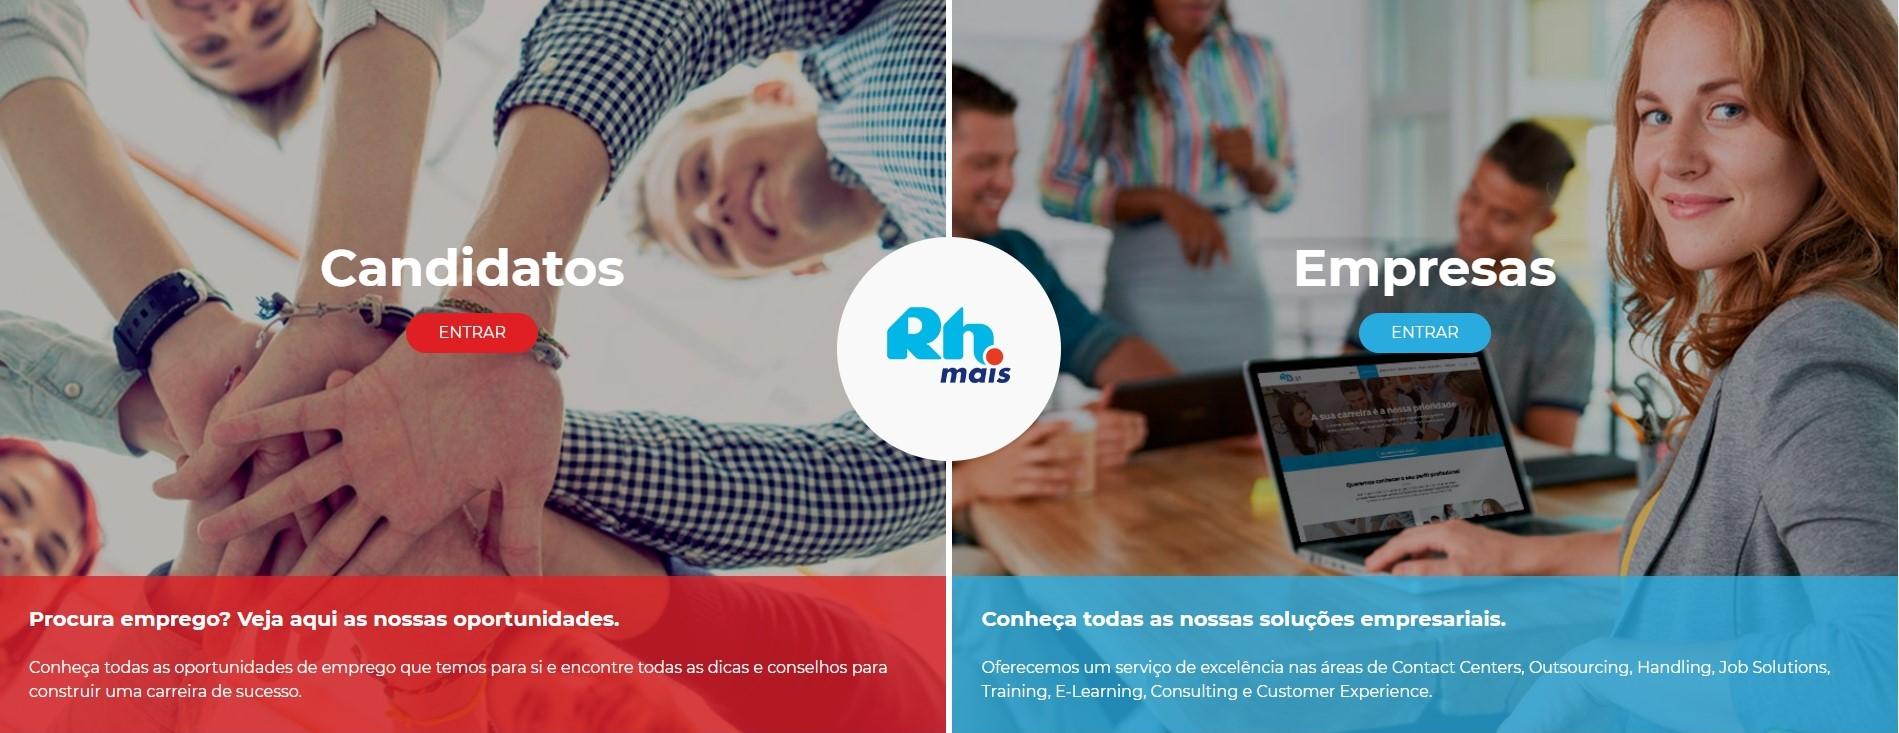 RHmais apresenta nova imagem digital